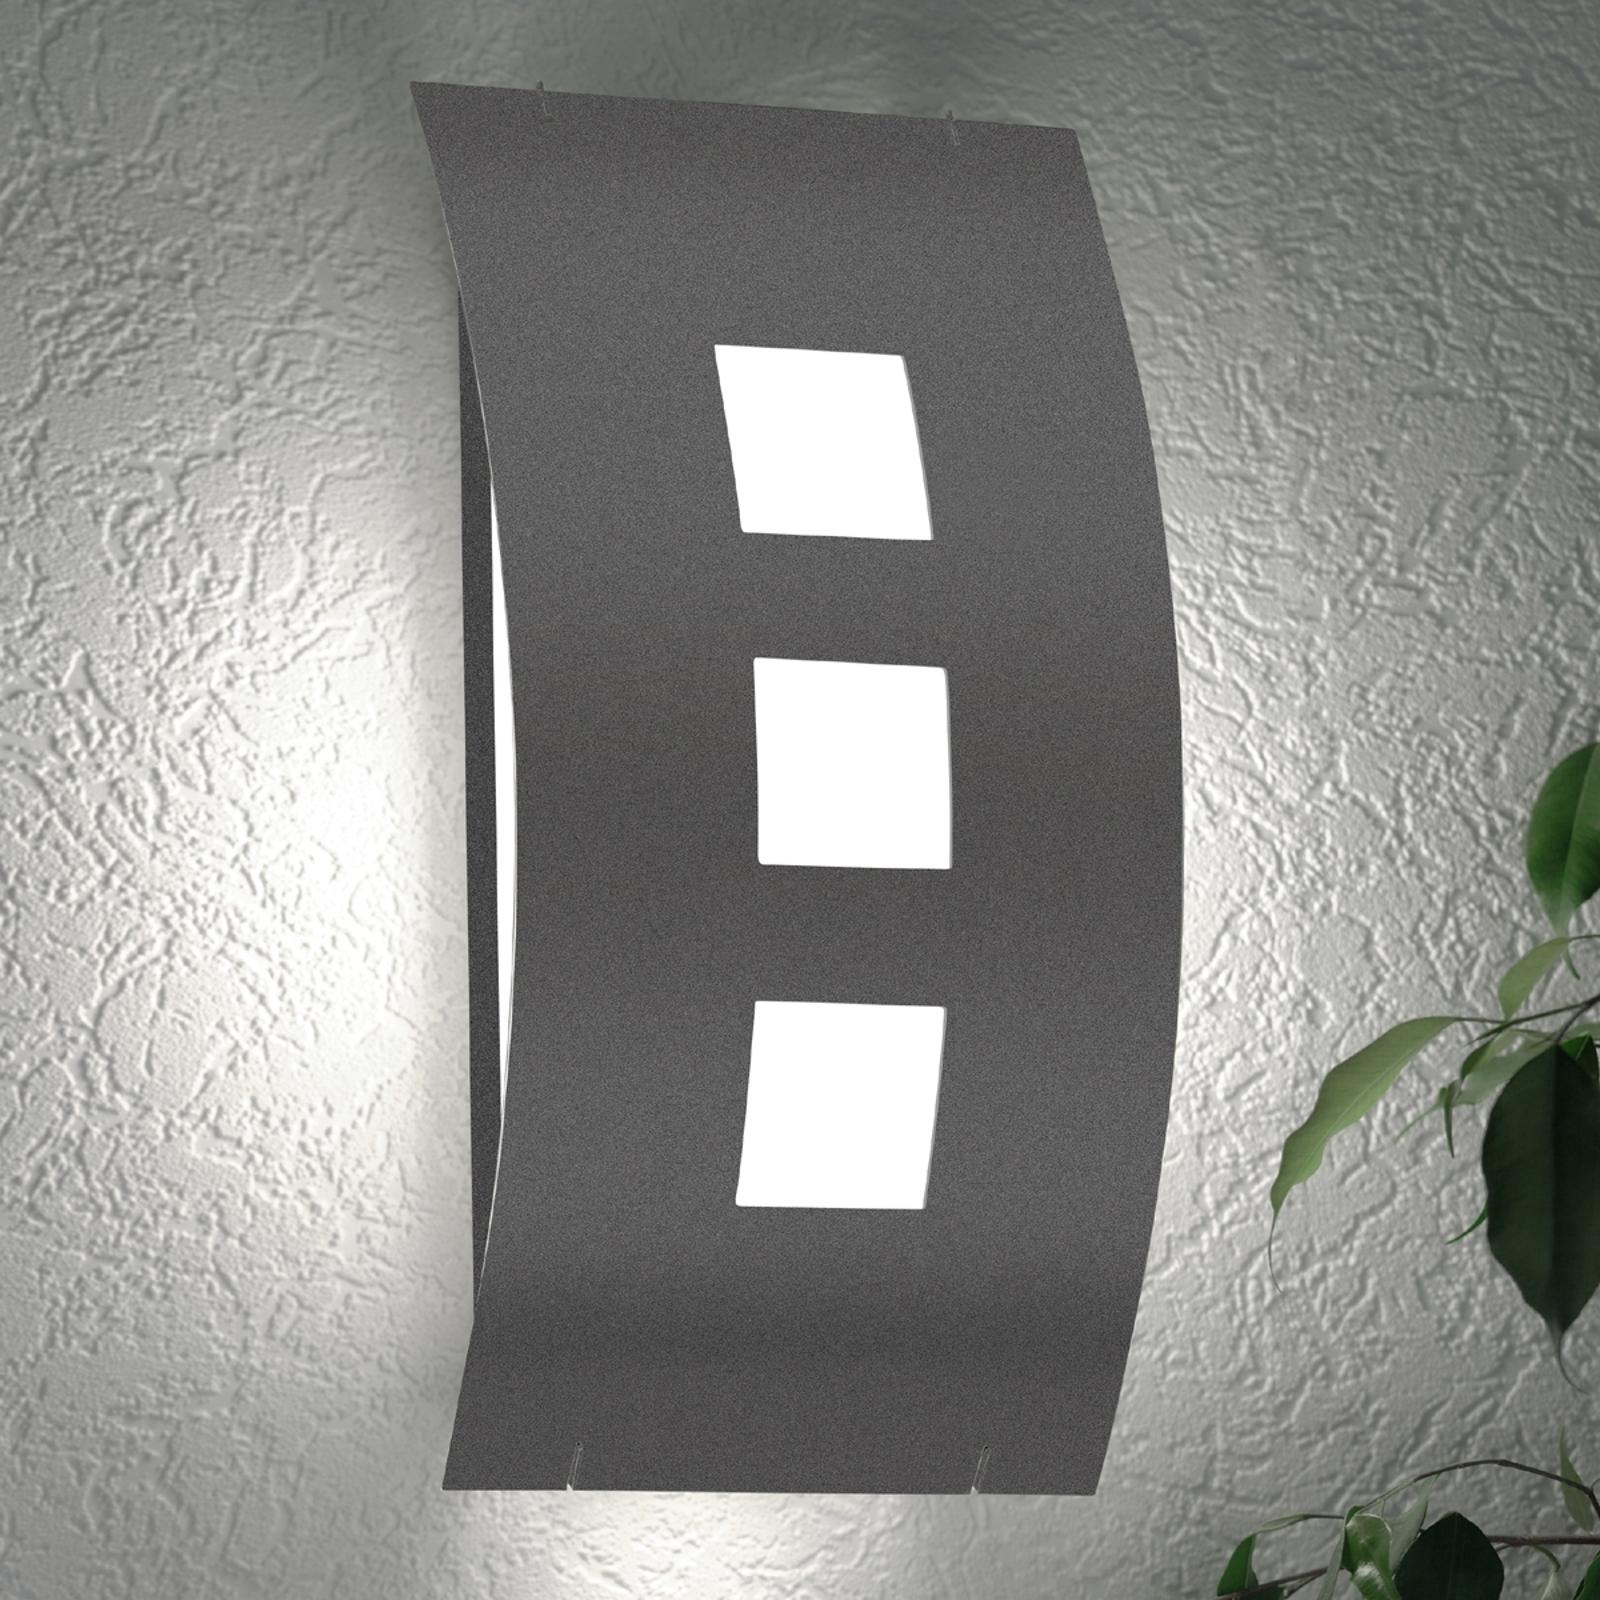 lámpara para pared exterior Graal RAL7016